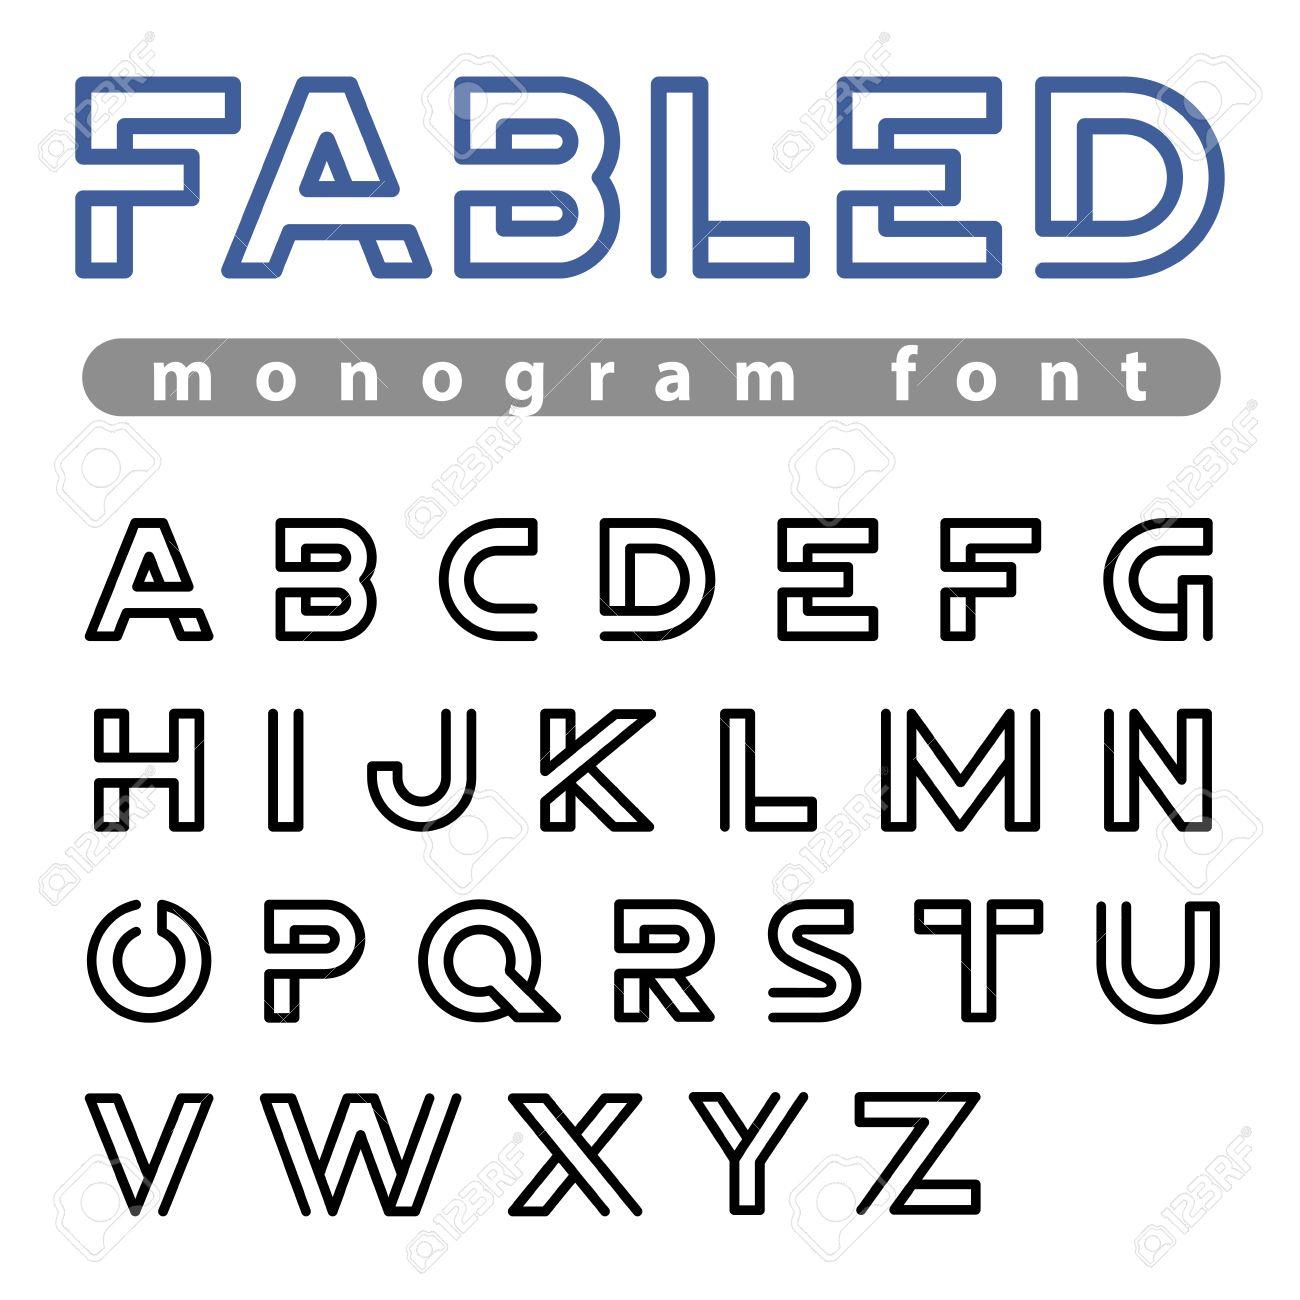 Monogram Logo Vecteur Police Design Alphabet Espace Négatif De Style  Linéaire. Abc Lettre Modèles De Logotype. Contour Caractères Creative à Modele Lettre Alphabet